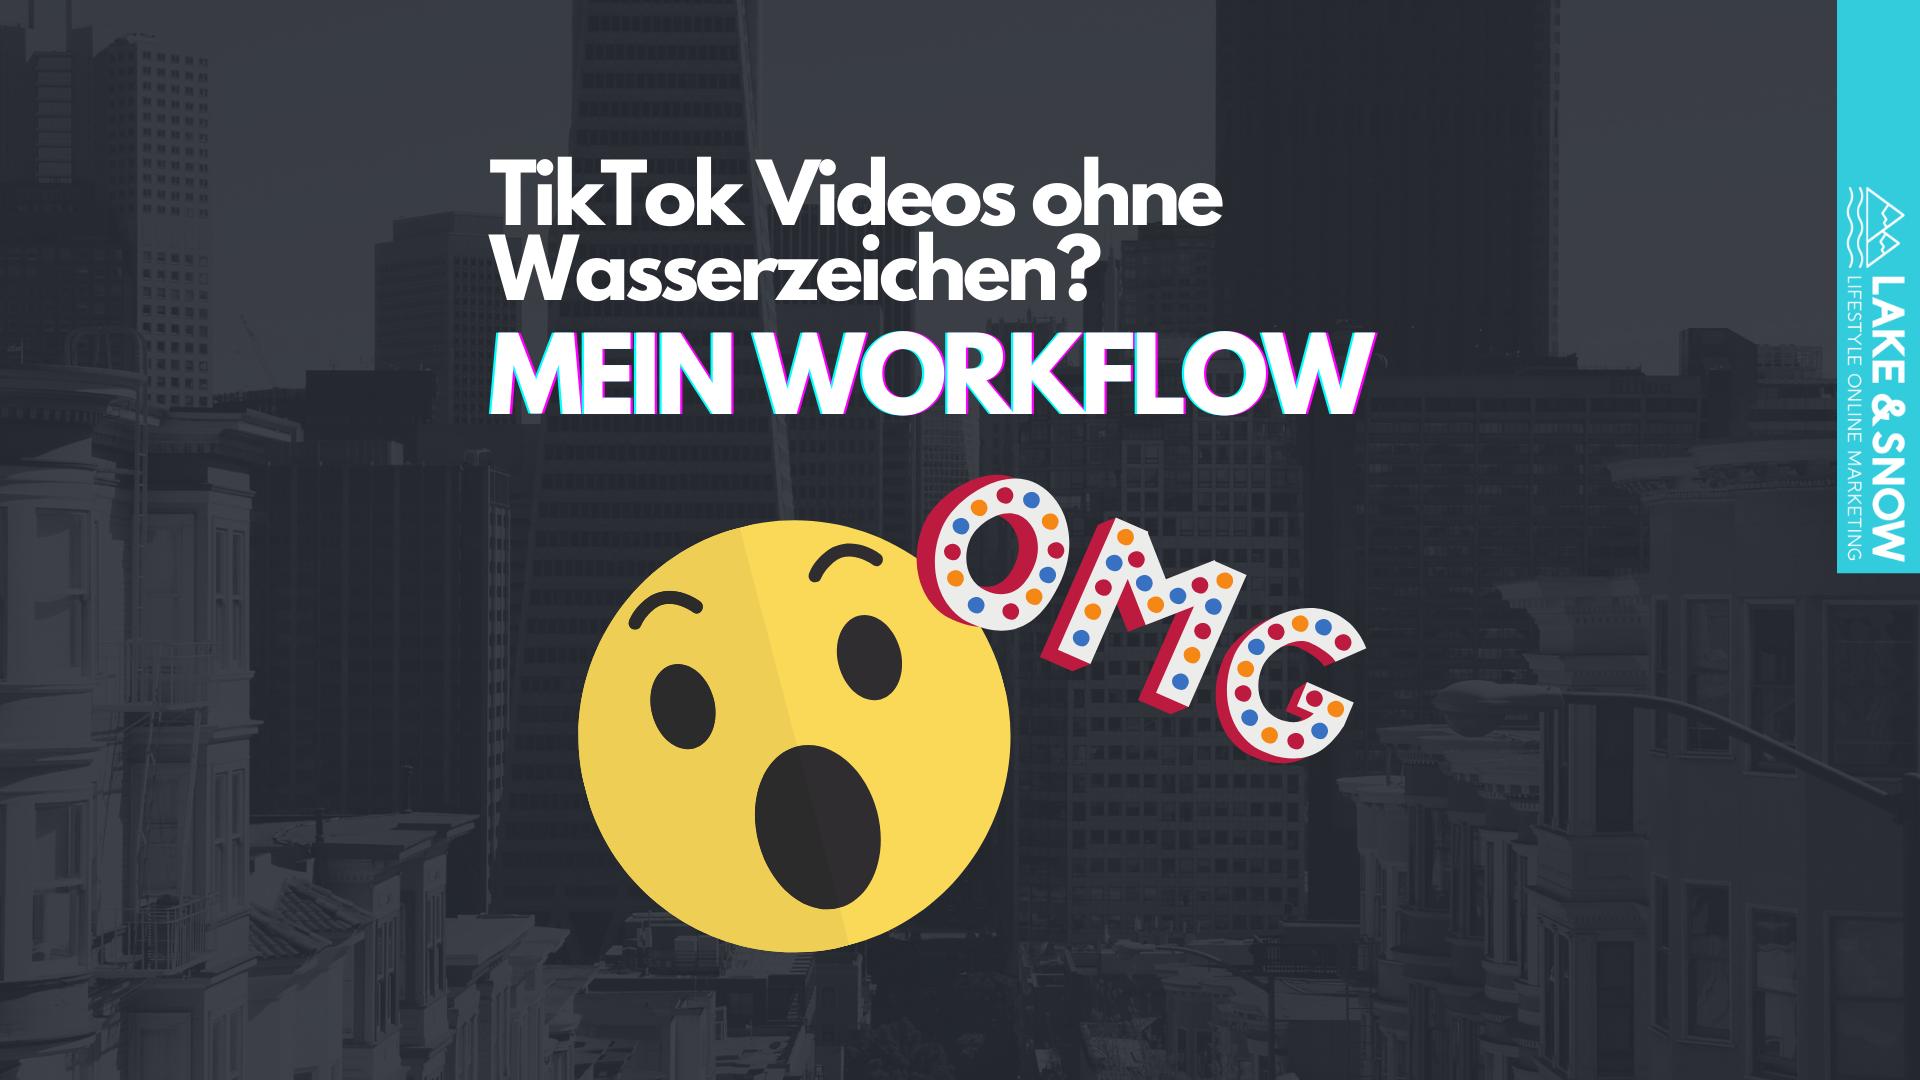 TikTok video ohne Wasserzeichen header